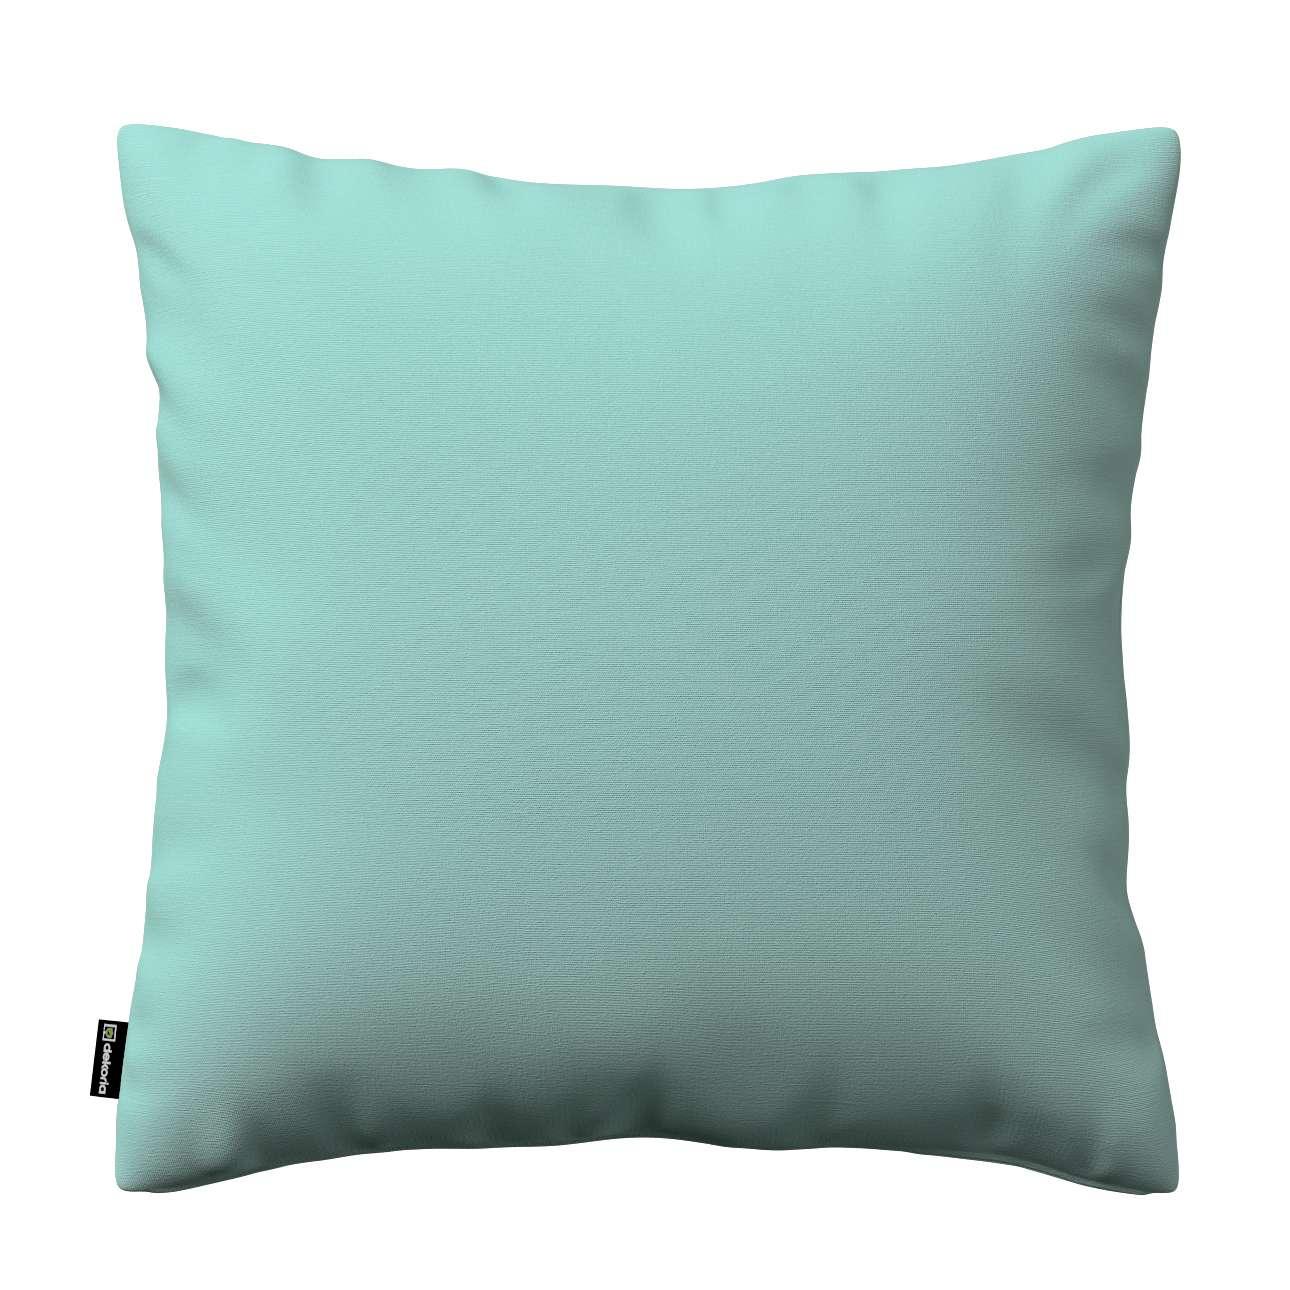 Poszewka Kinga na poduszkę 43 x 43 cm w kolekcji Loneta, tkanina: 133-32